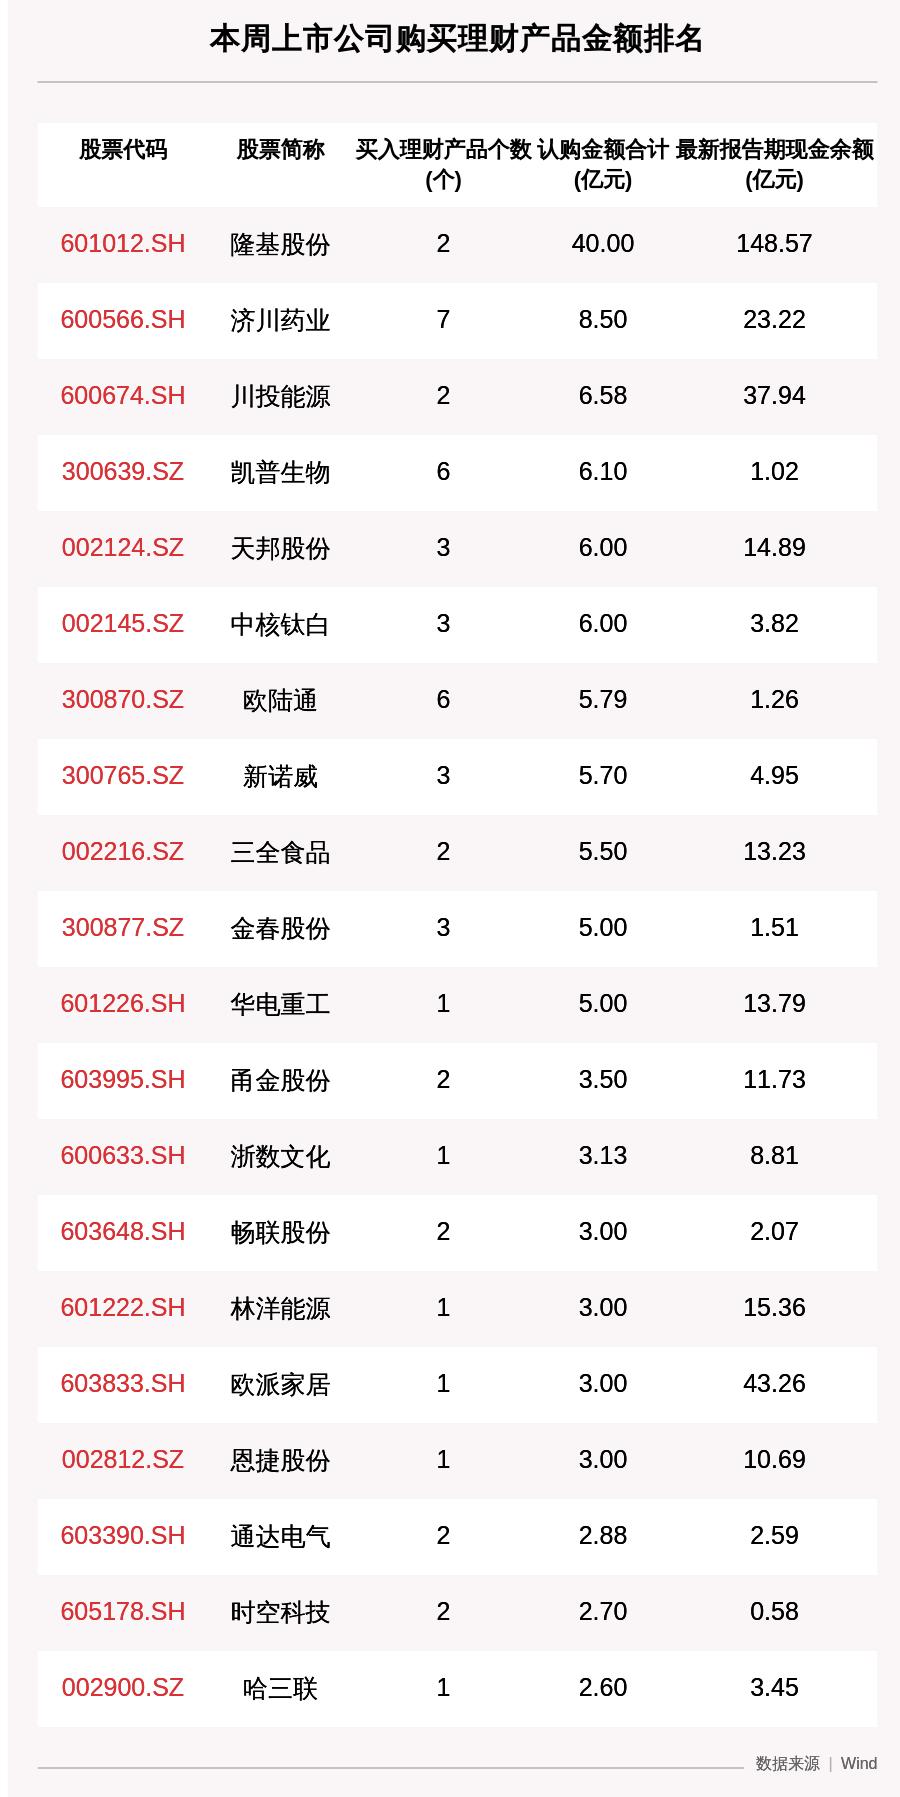 本周122家A股公司购买202.64亿元理财产品,隆基股份买入最多